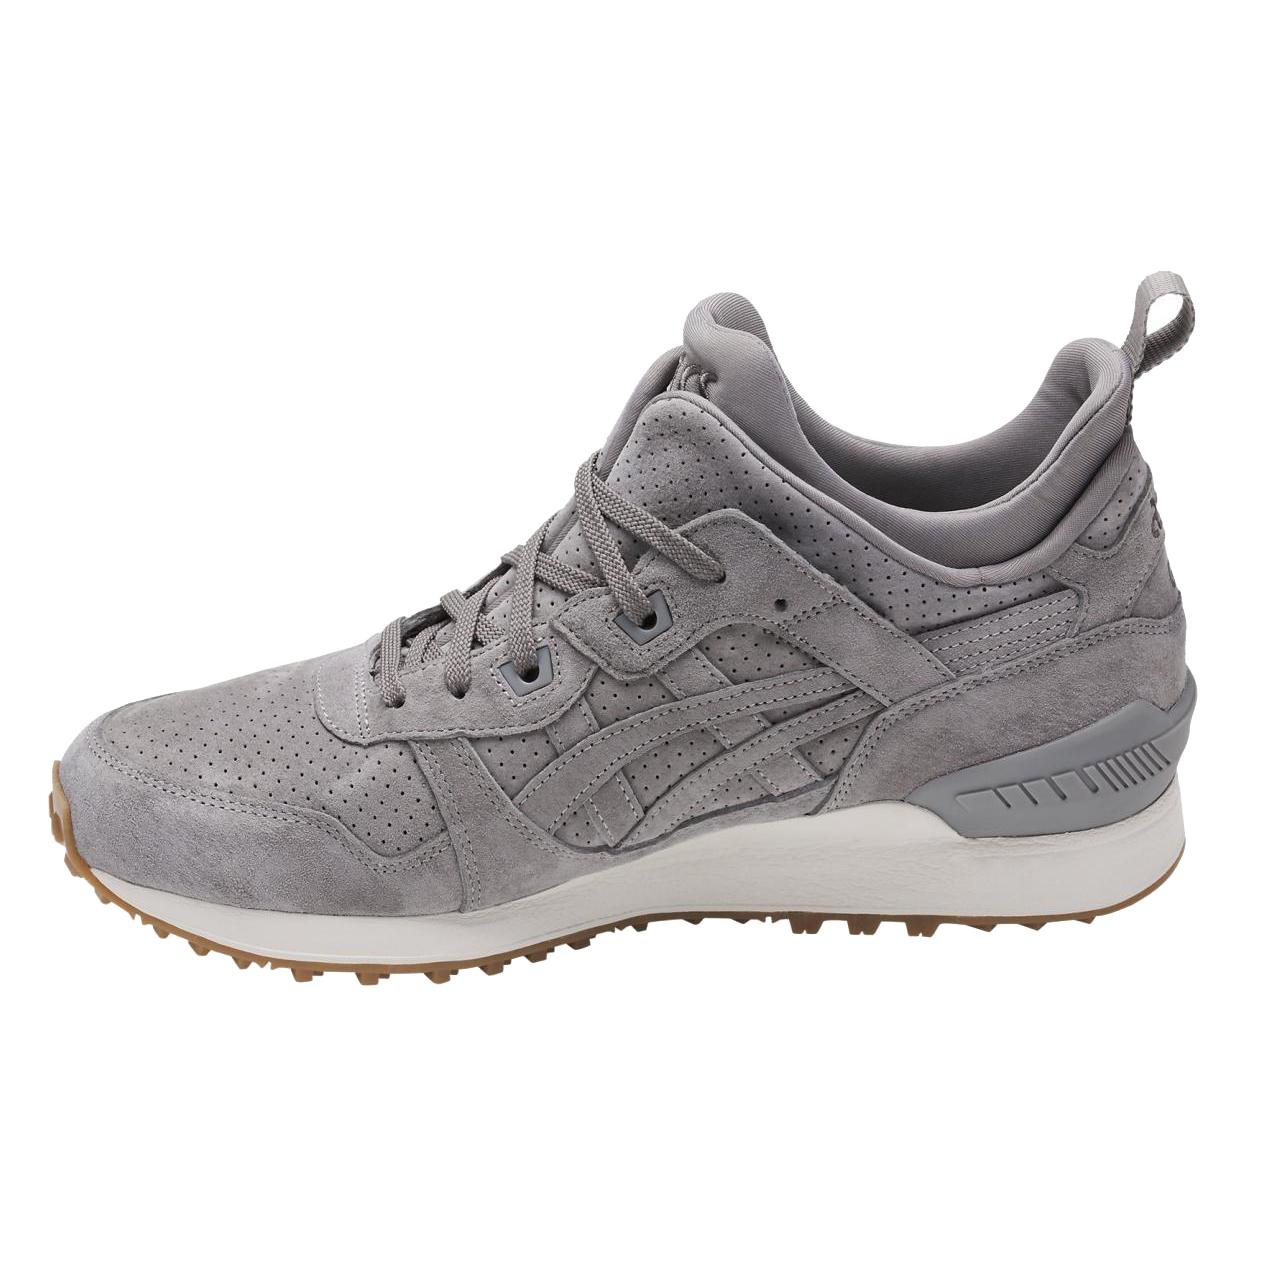 قیمت کفش مخصوص دویدن مردانه اسیکس مدل GEL-Lyte MT